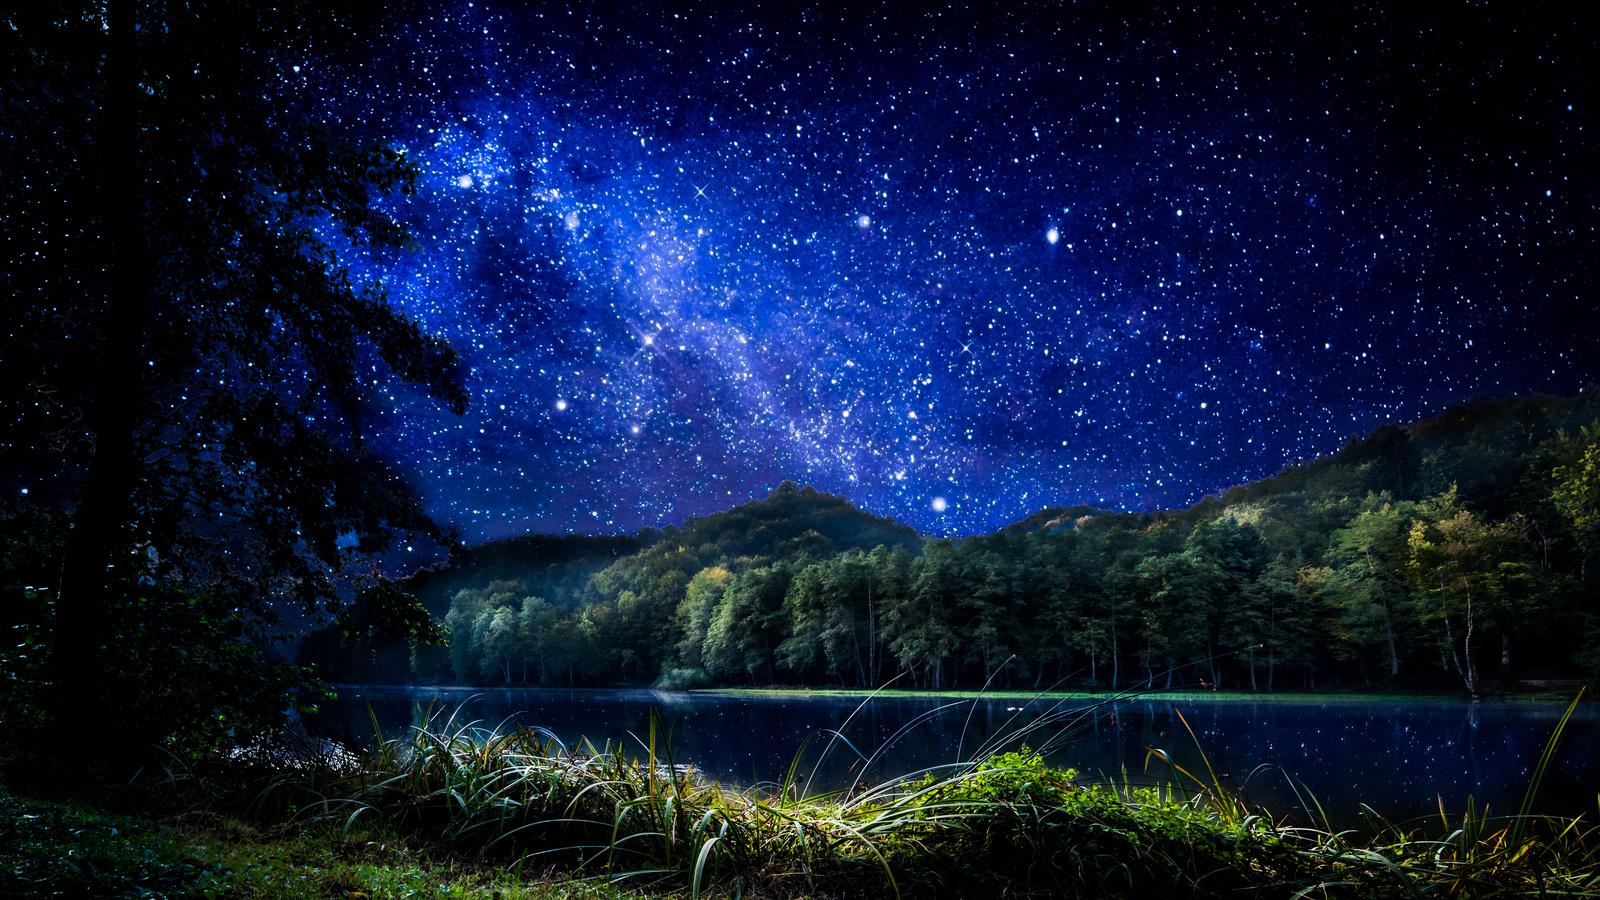 Крестом картинки, звездная ночь картинки